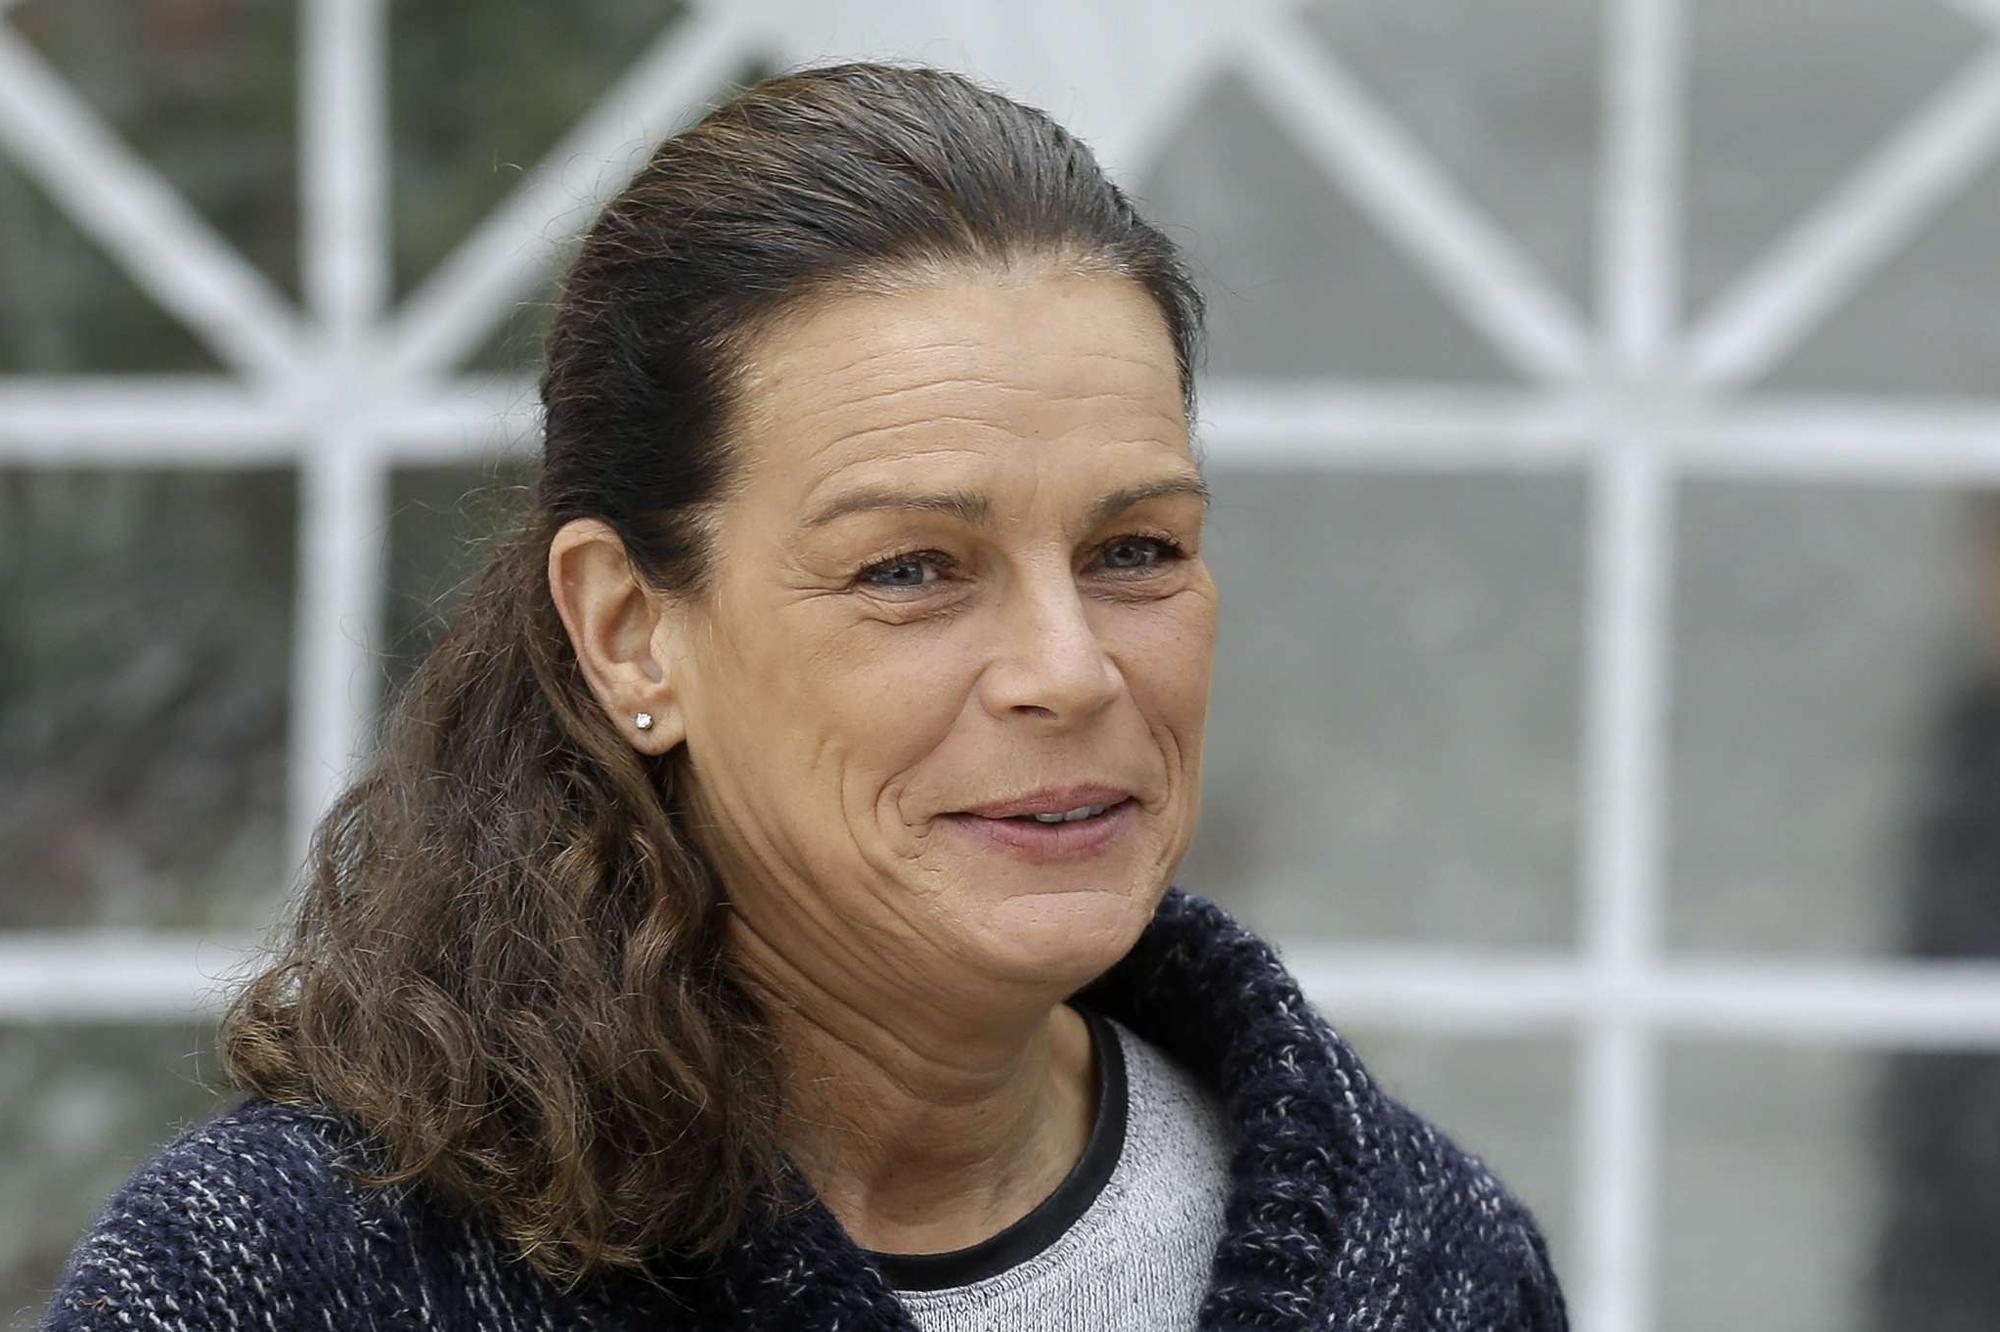 JE SUIS JE SUIS Selon-la-princesse-Stephanie-de-Monaco-dans-une-interview-a-La-Provence-plus-rien-ne-se-fait-pour-la-Journee-mondiale-contre-le-sida